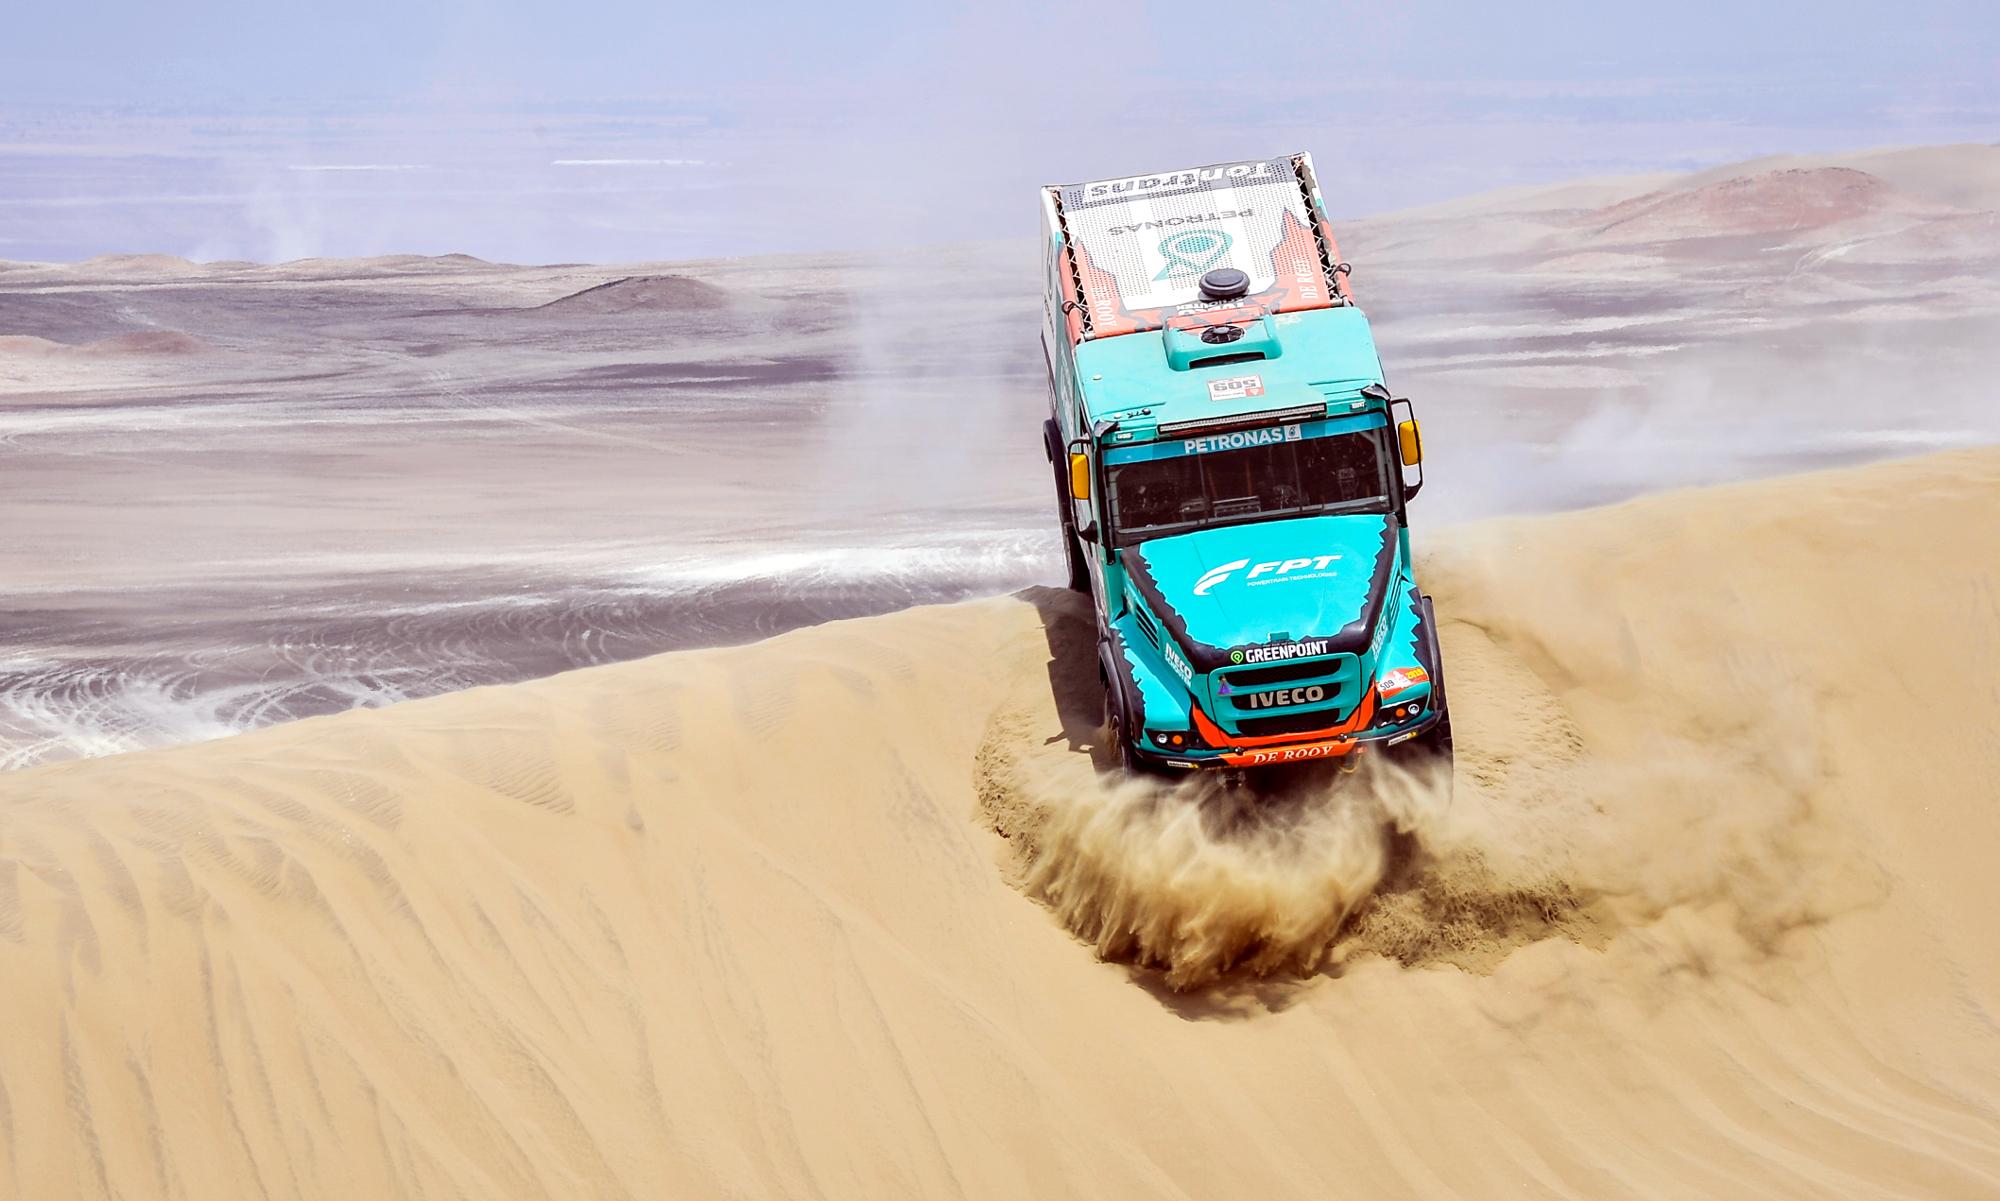 Śnieg, mróz i lód to warunki z jakimi muszą się zmagać teraz kierowcy ciężarówek na wielu europejskich drogach. Tymczasem zawodnicy jadący truckami w rajdzie Dakar, stają przed zupełnie innymi wyzwaniami – odcinki trasy prowadzące przez peruwiańskie pustynie wymagają także opanowania i ogromnej koncentracji. Wjazd i zjazd z piaszczystego zbocza to nie przelewki. Fot. ASO/DPPI